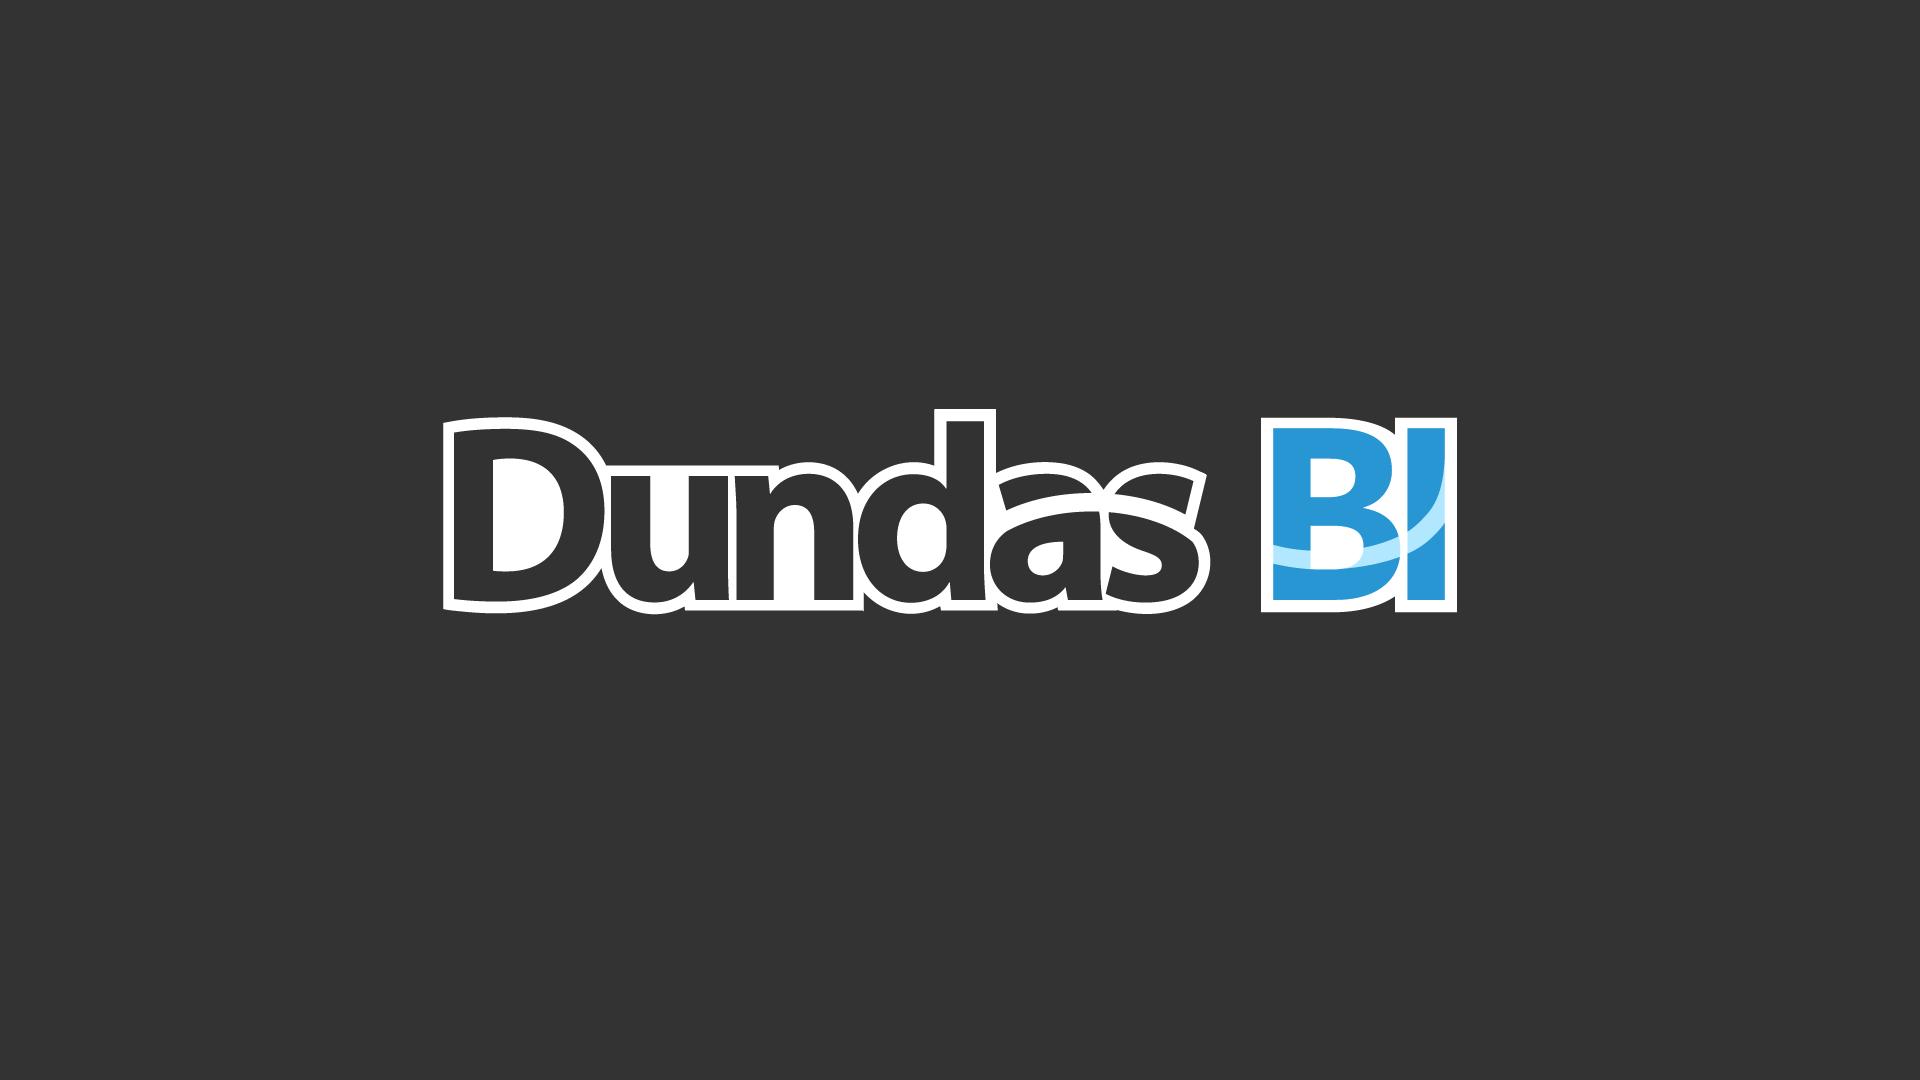 logos_dundas-bi